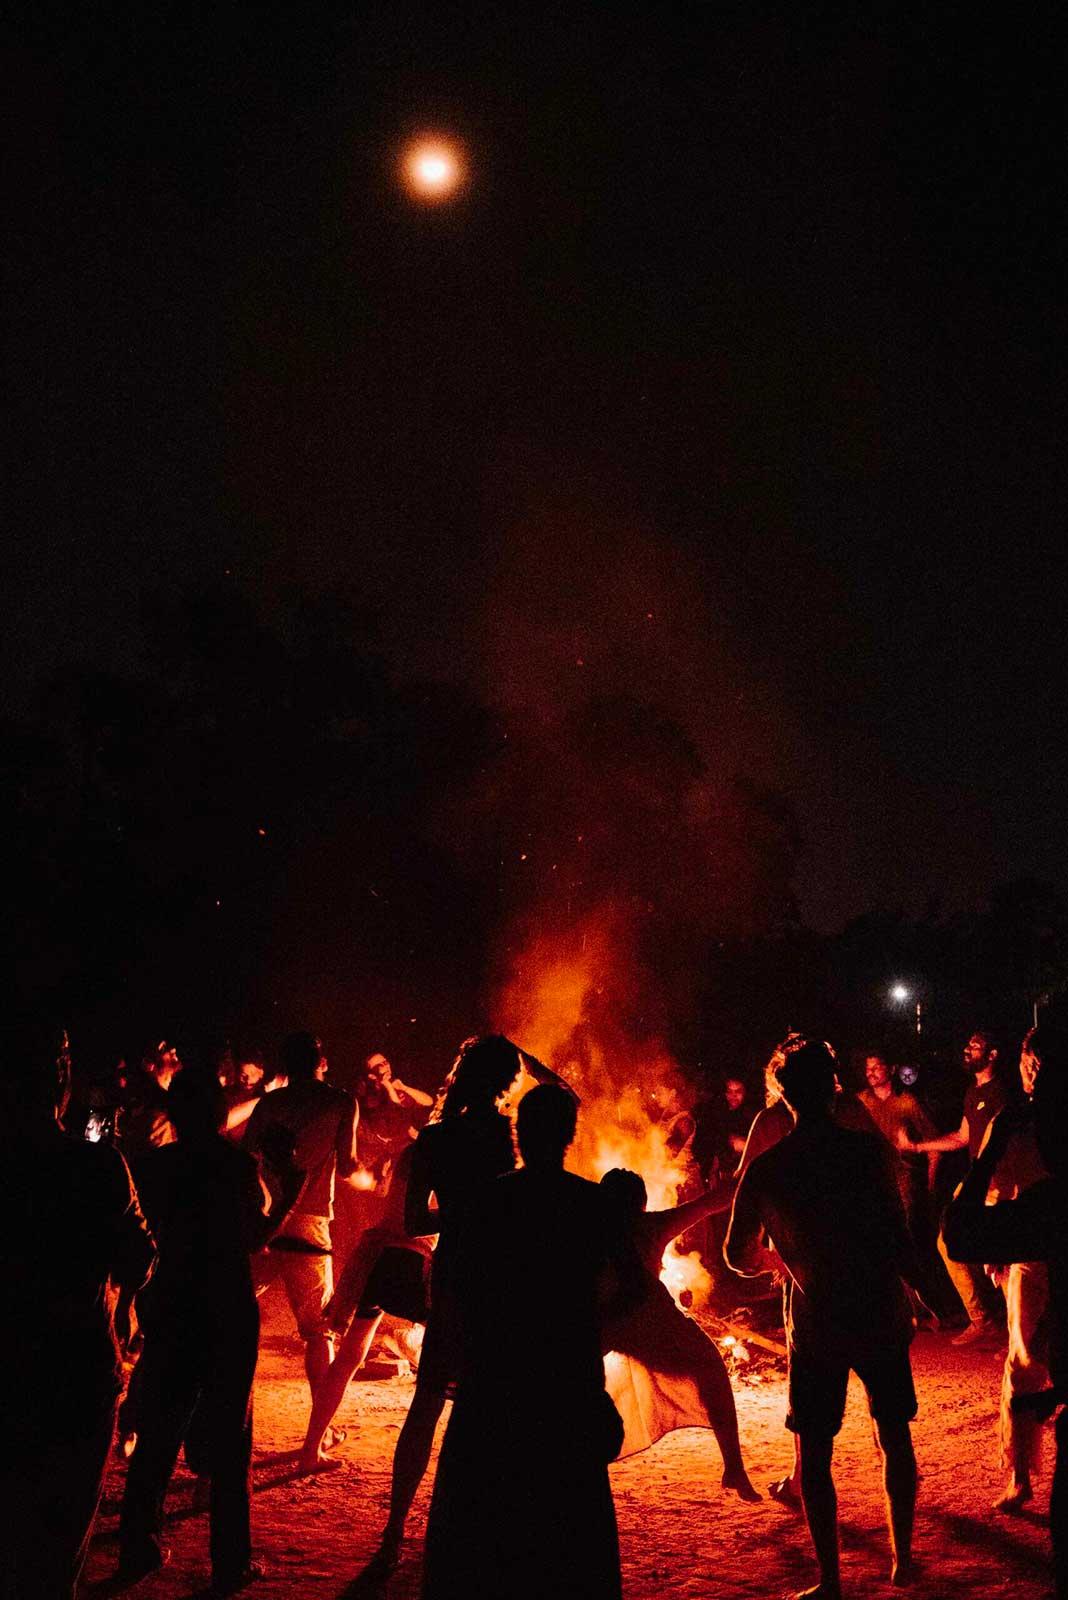 feu_soirée_groupe_jeunes_inde_célébration